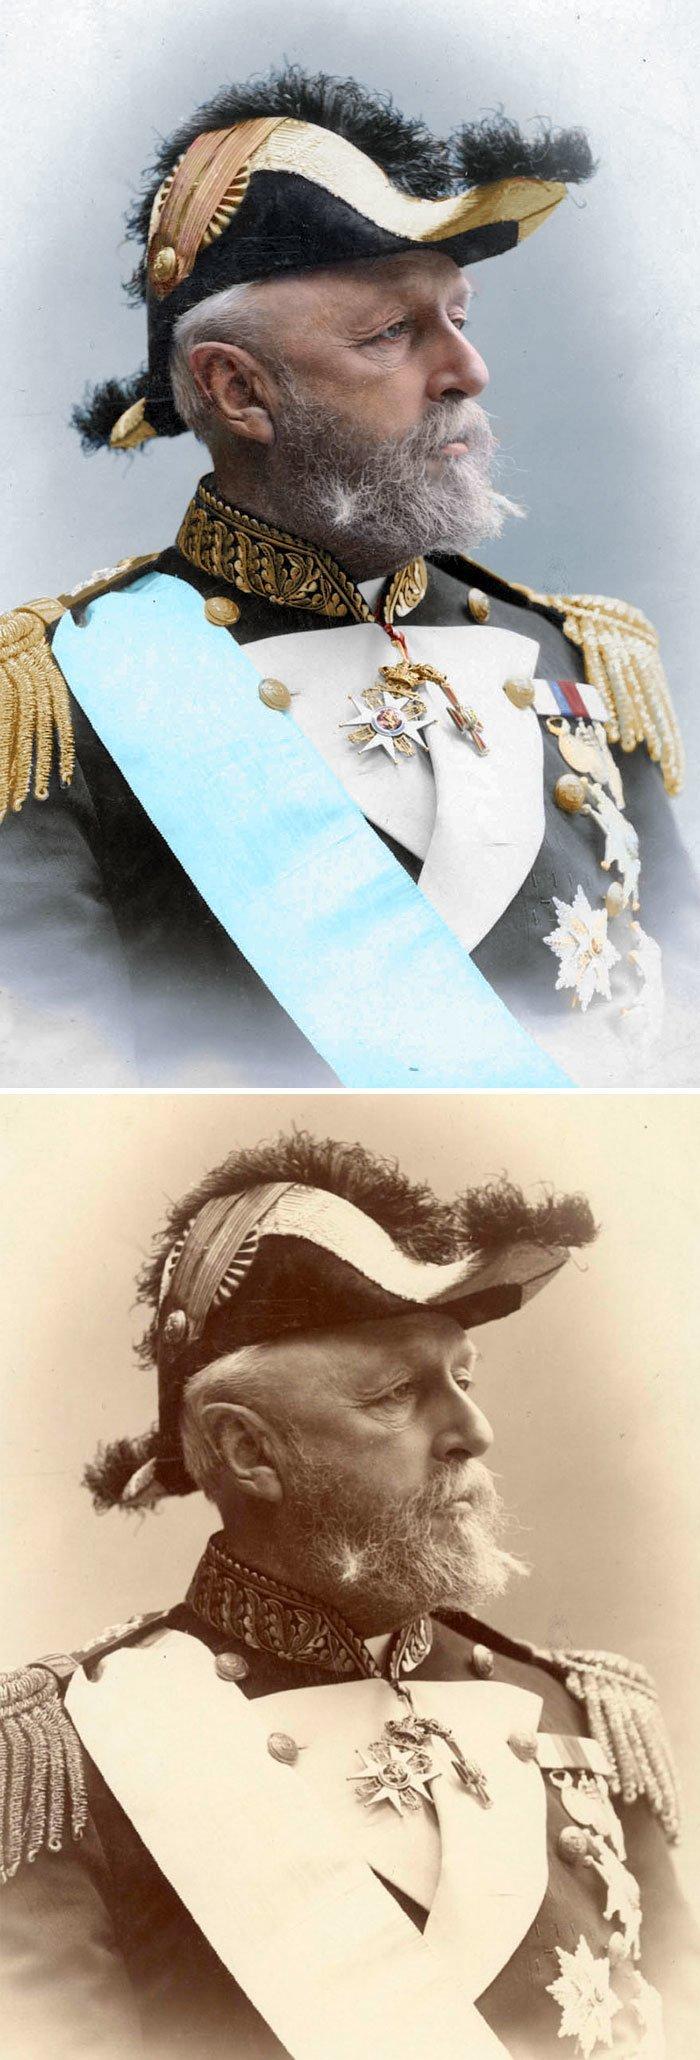 Король Швеции Оскар II история, портрет, прошлое, событие, фотография, фотомир, цвет